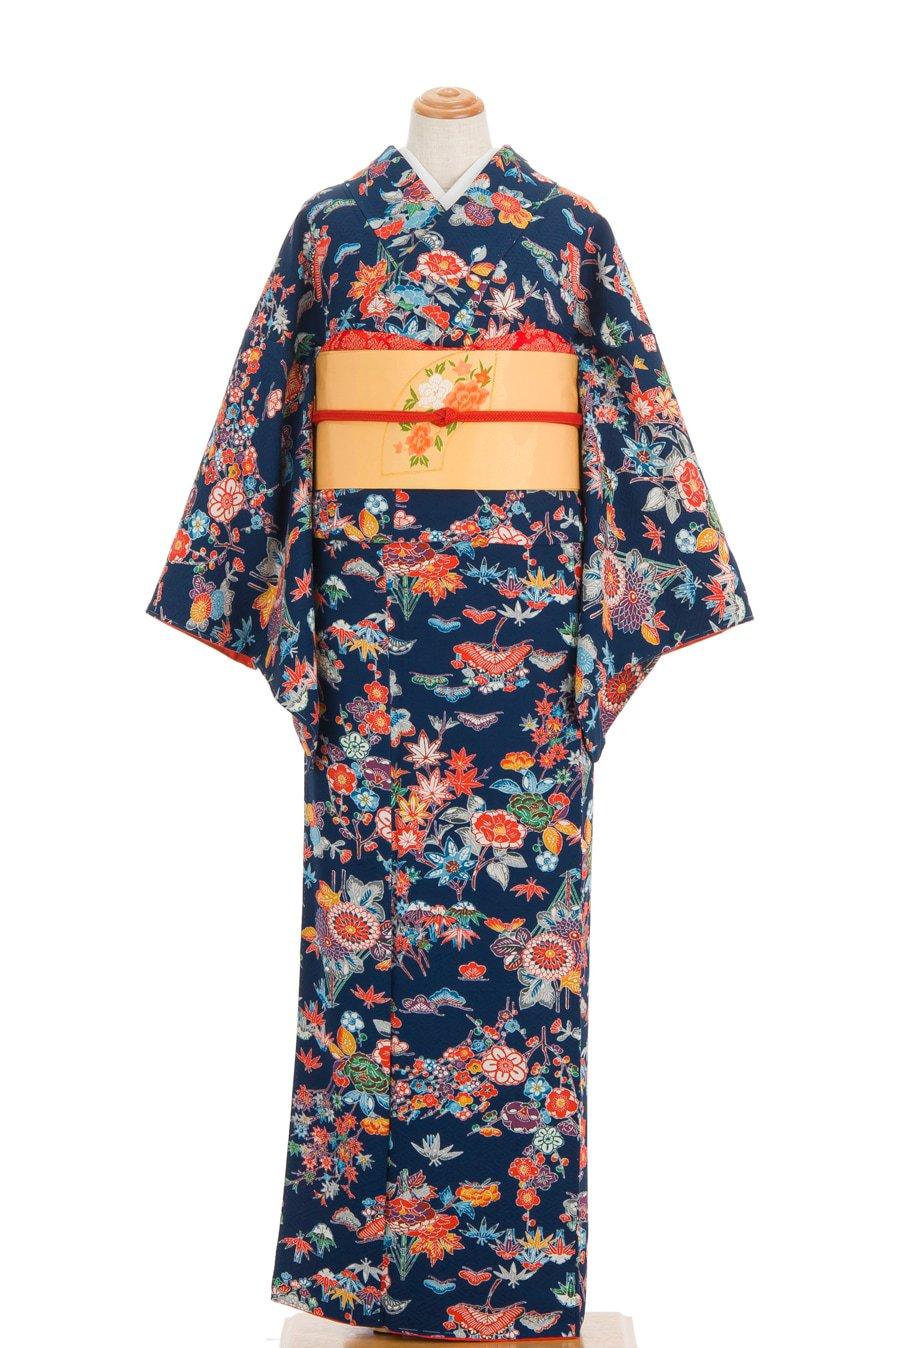 「紺地 紅型 梅 菊 牡丹など」の商品画像